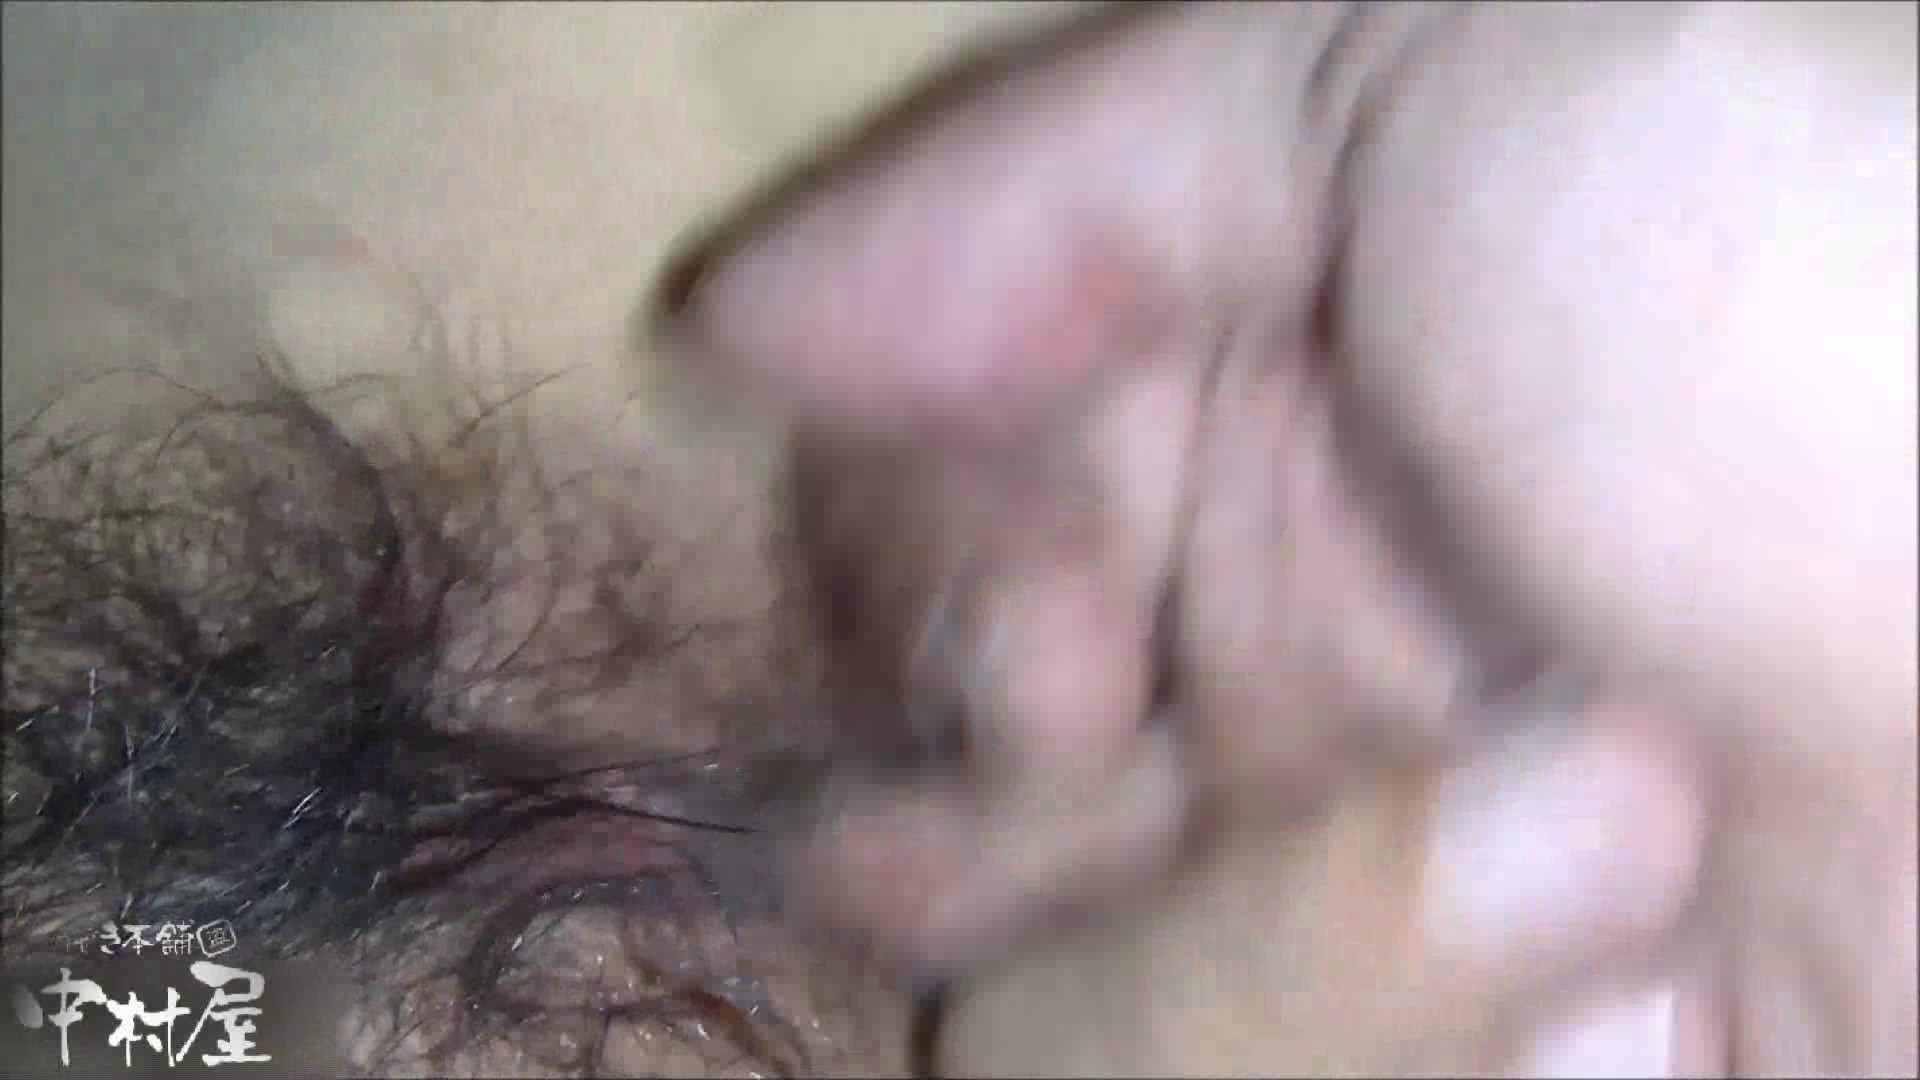 無修正エロ動画 二人とも育てた甲斐がありました…vol.74【朋葉】友人が土足で朋葉の膣内に・・・後編 のぞき本舗 中村屋